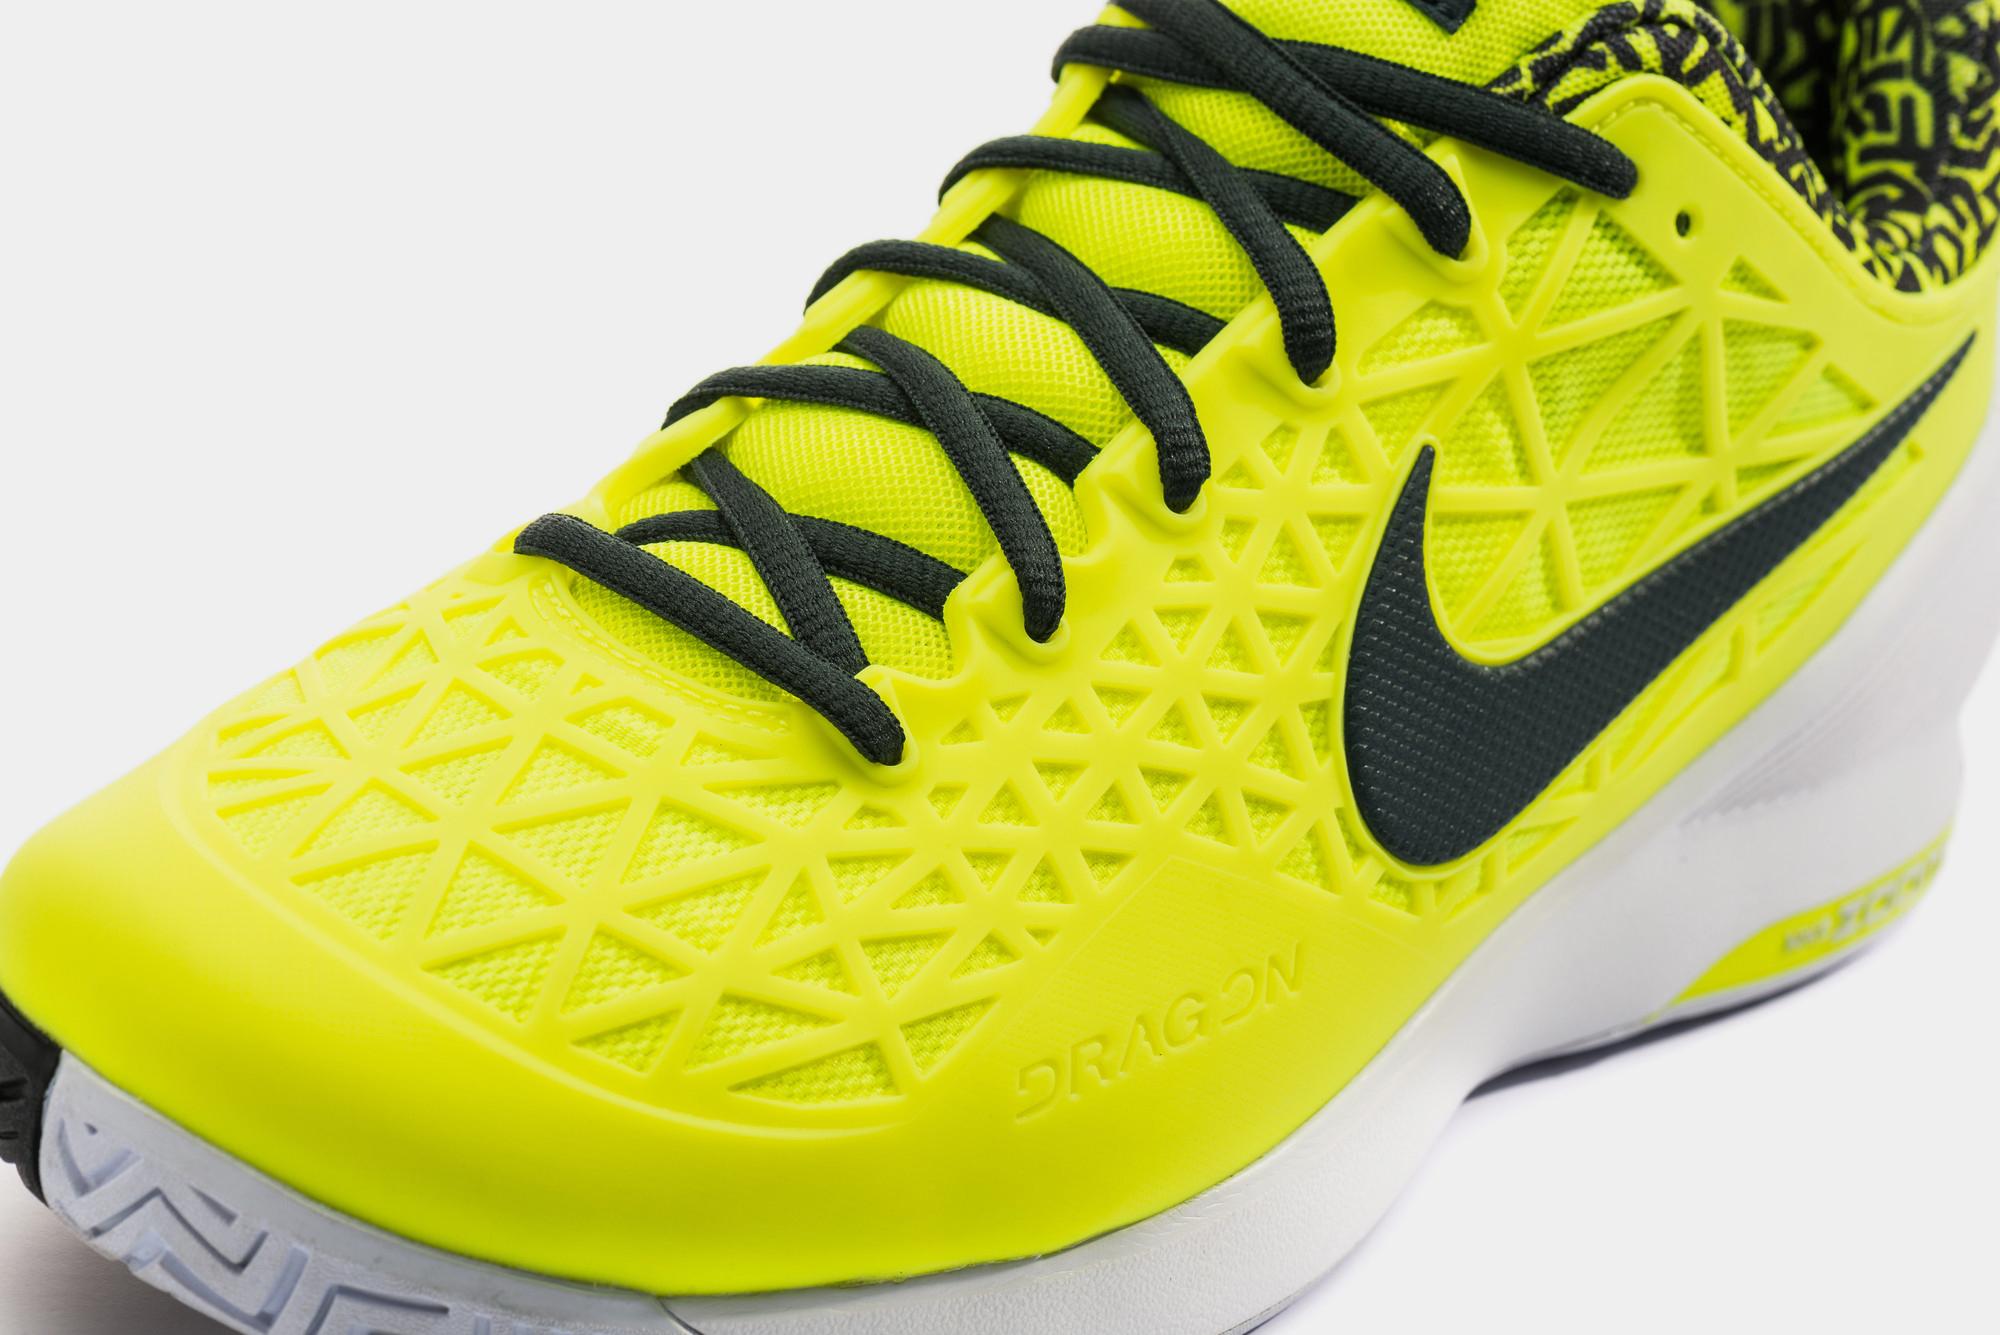 Nike Neon Shoes Amazon